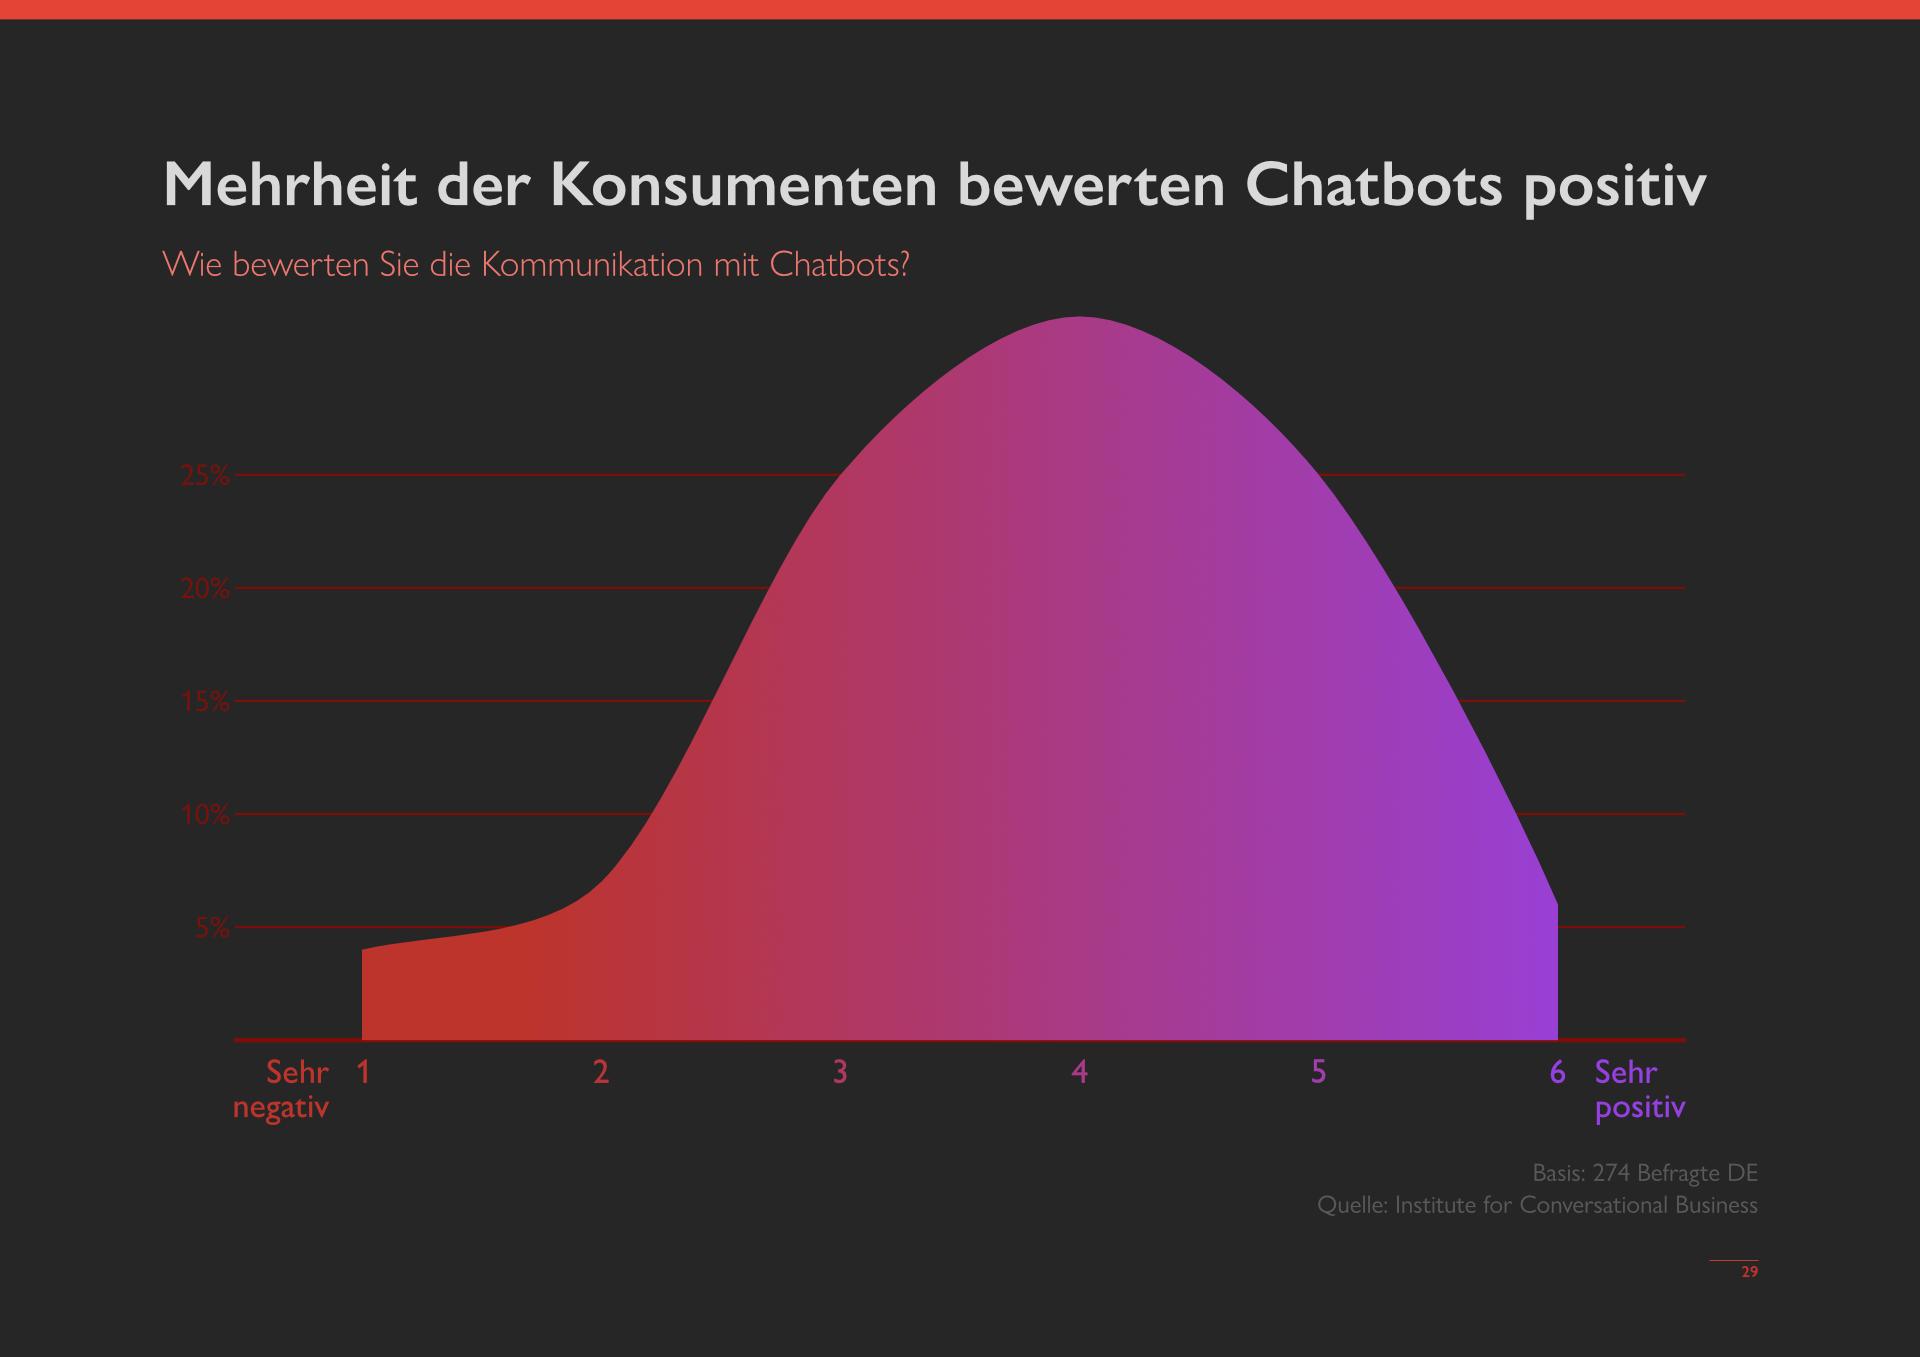 messengerpeople-studie-2021-chatbot-werden-positiv-bewertet